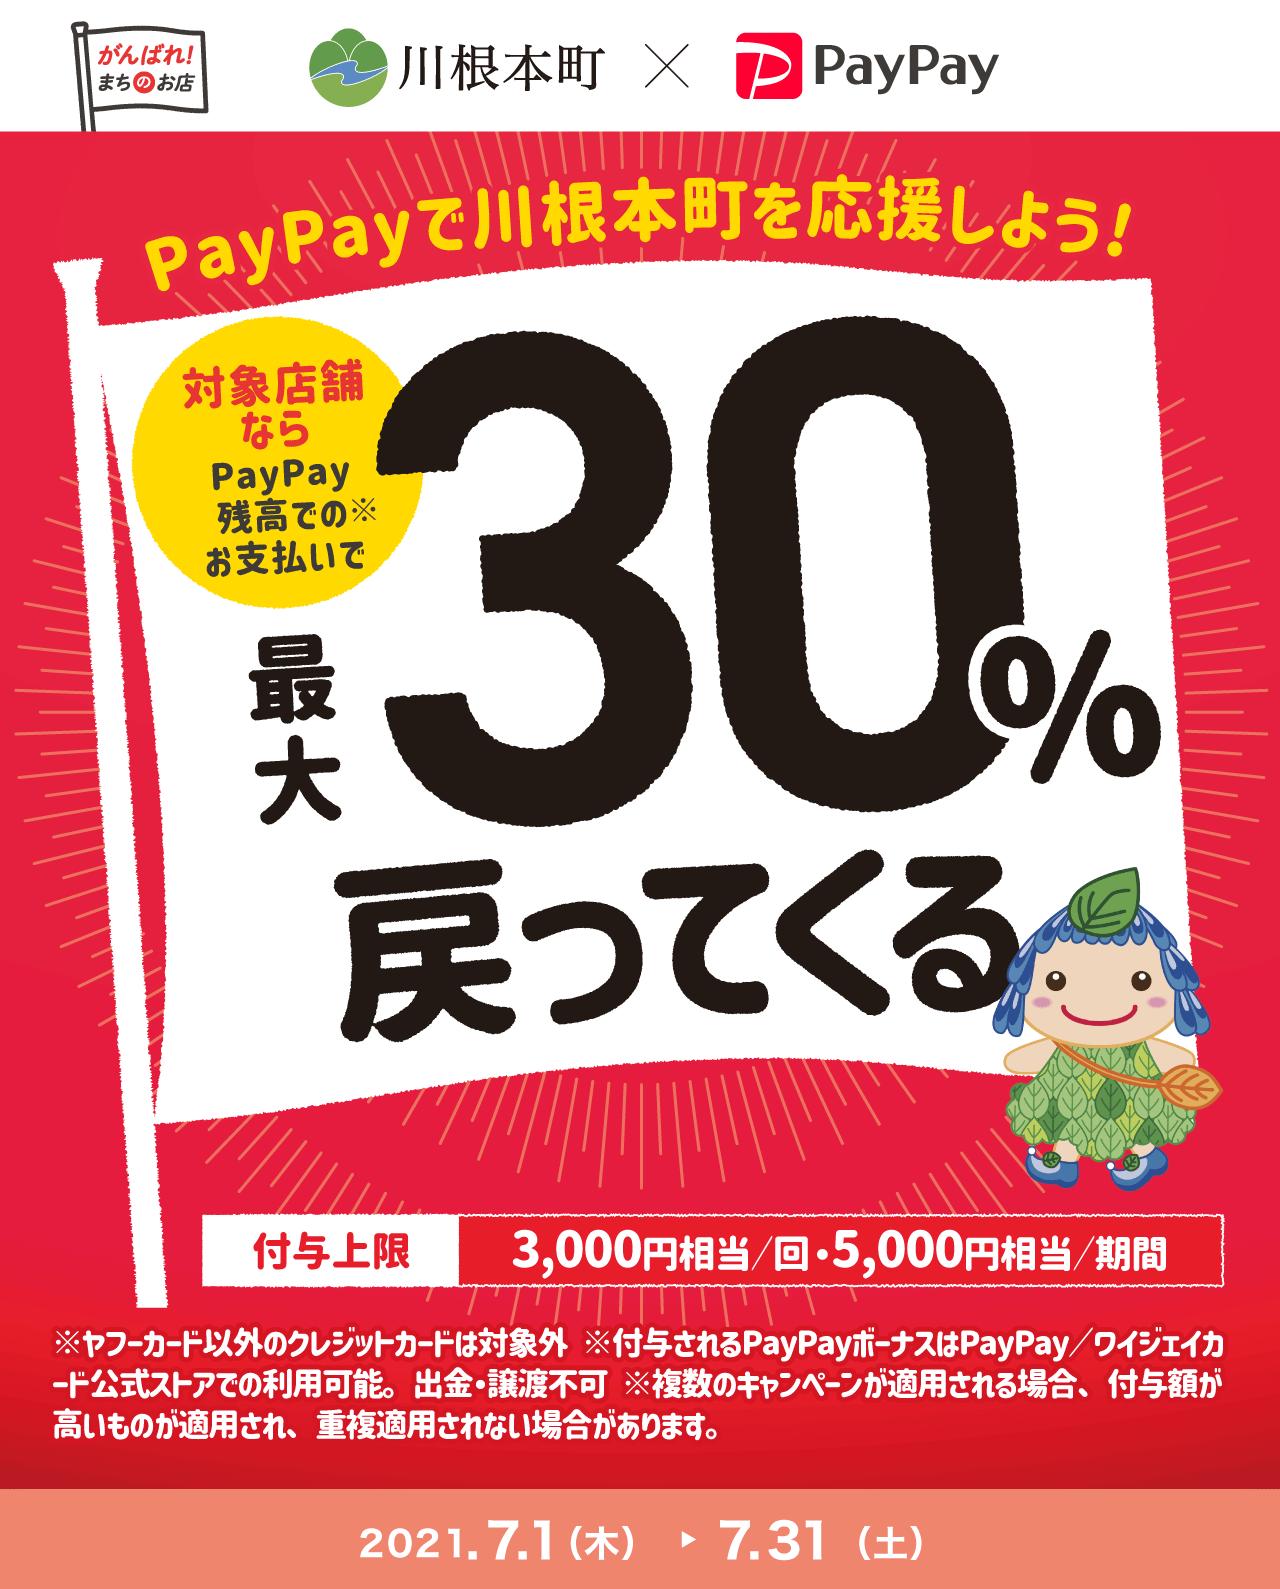 PayPayで川根本町を応援しよう!対象店舗ならPayPay残高でのお支払いで最大30%戻ってくる